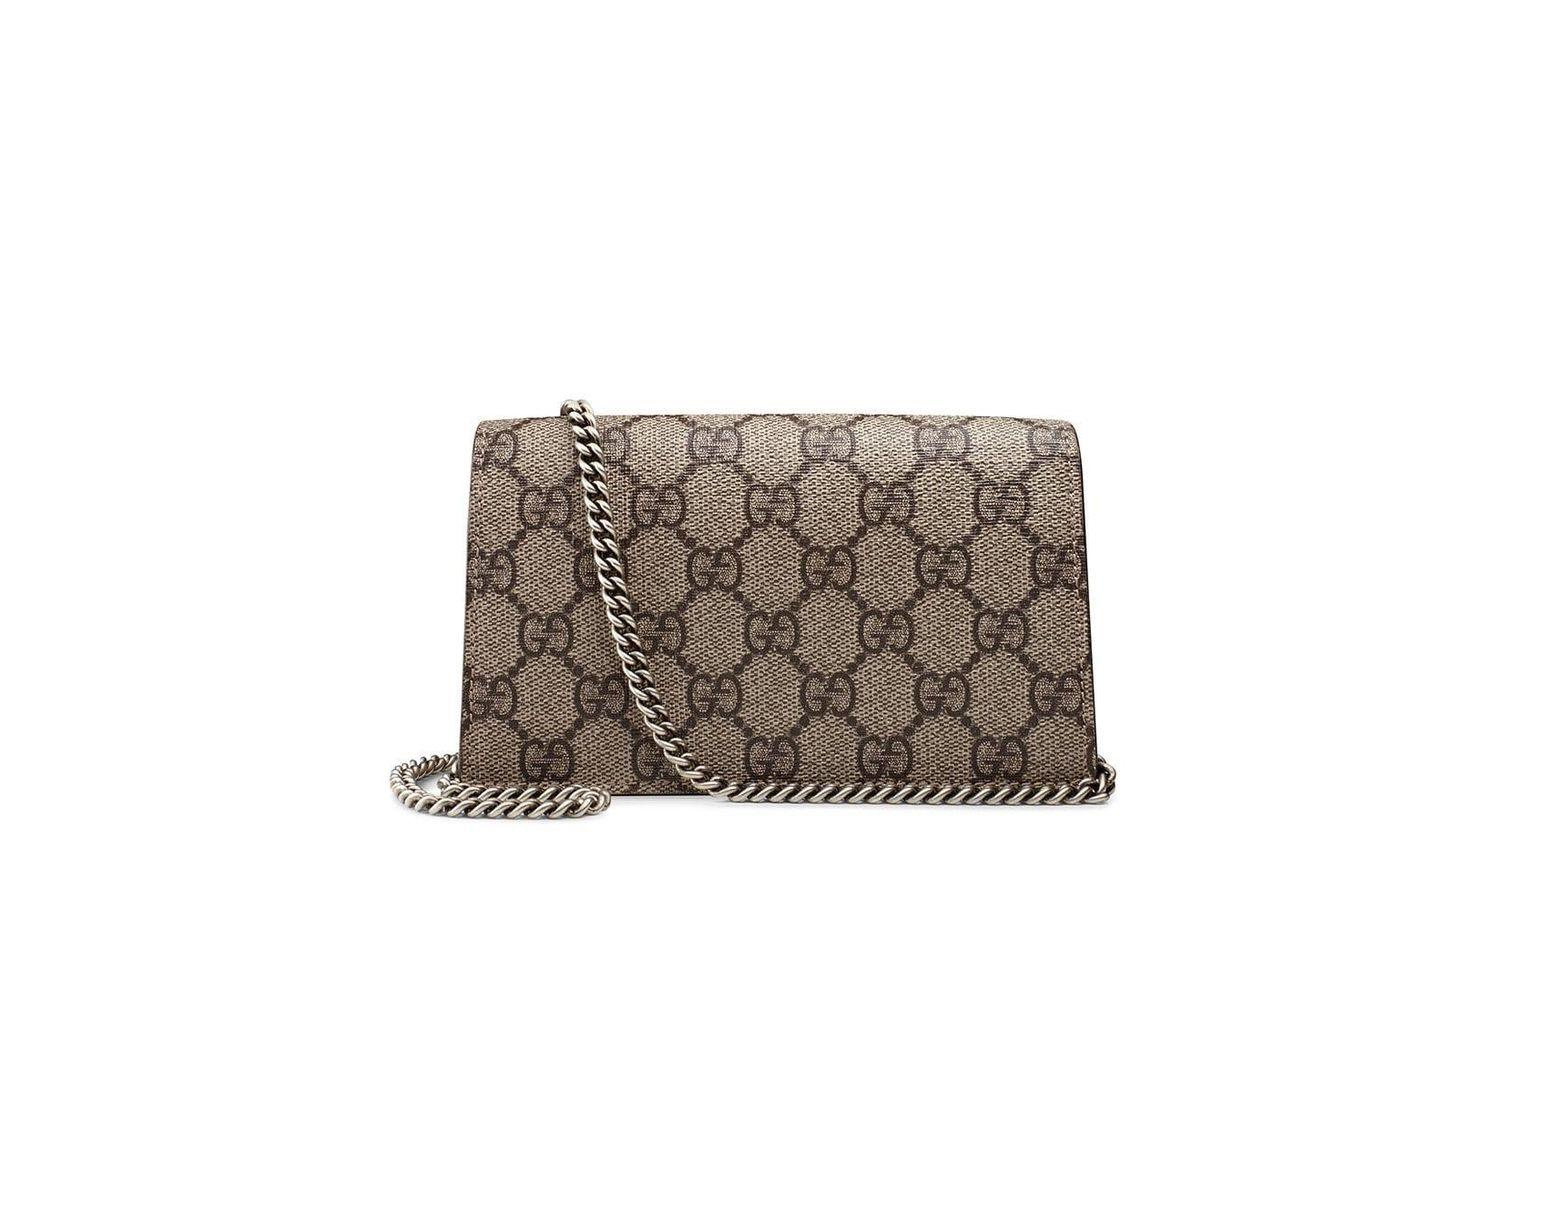 8c941f38a Gucci Dionysus GG Supreme Super Mini Bag - Save 27% - Lyst